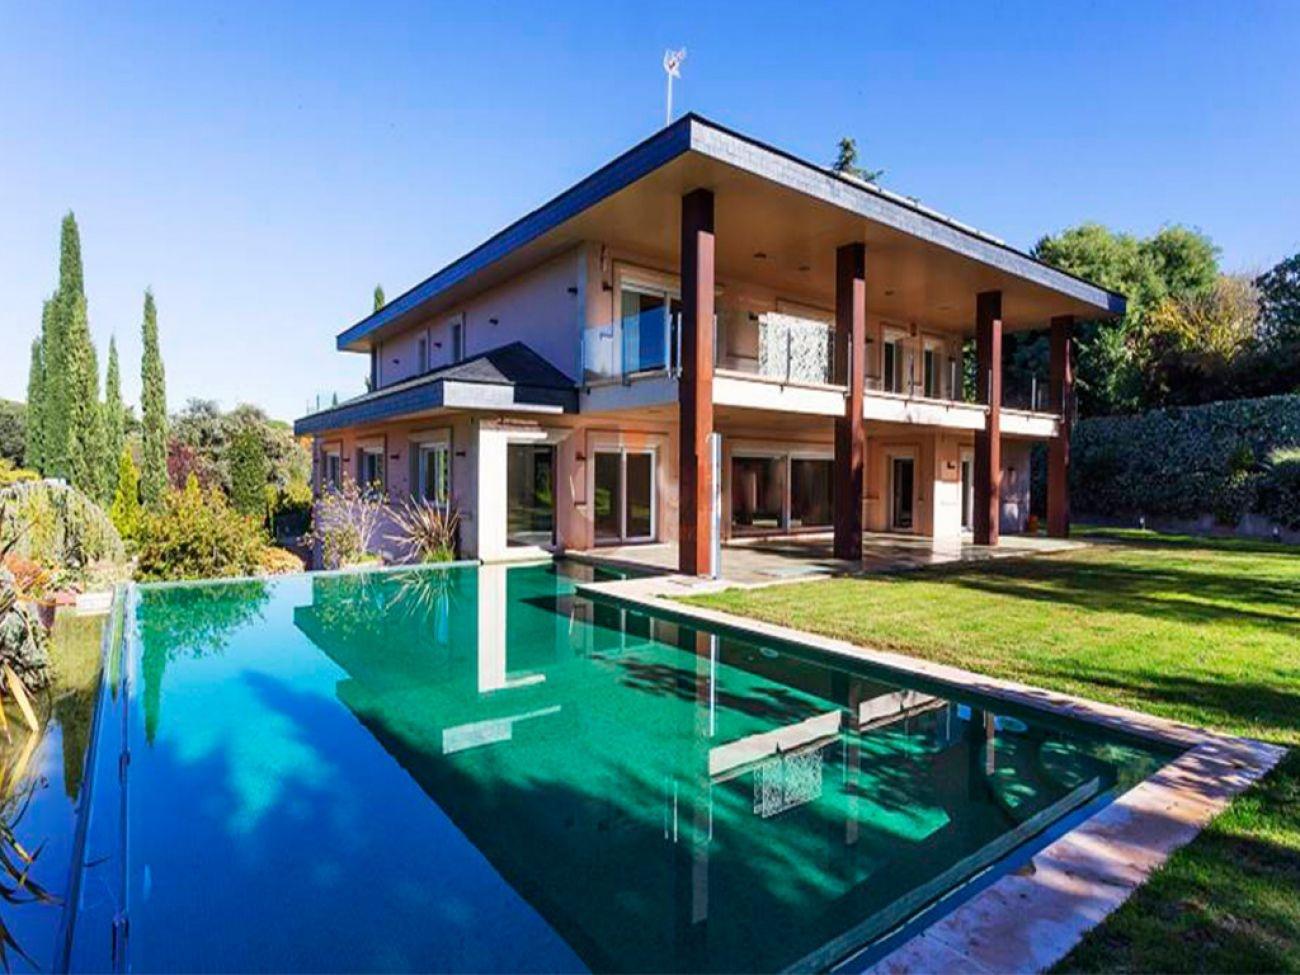 Construcci n de piscina desbordante infinity en madrid - Piscinas cubiertas alcobendas ...